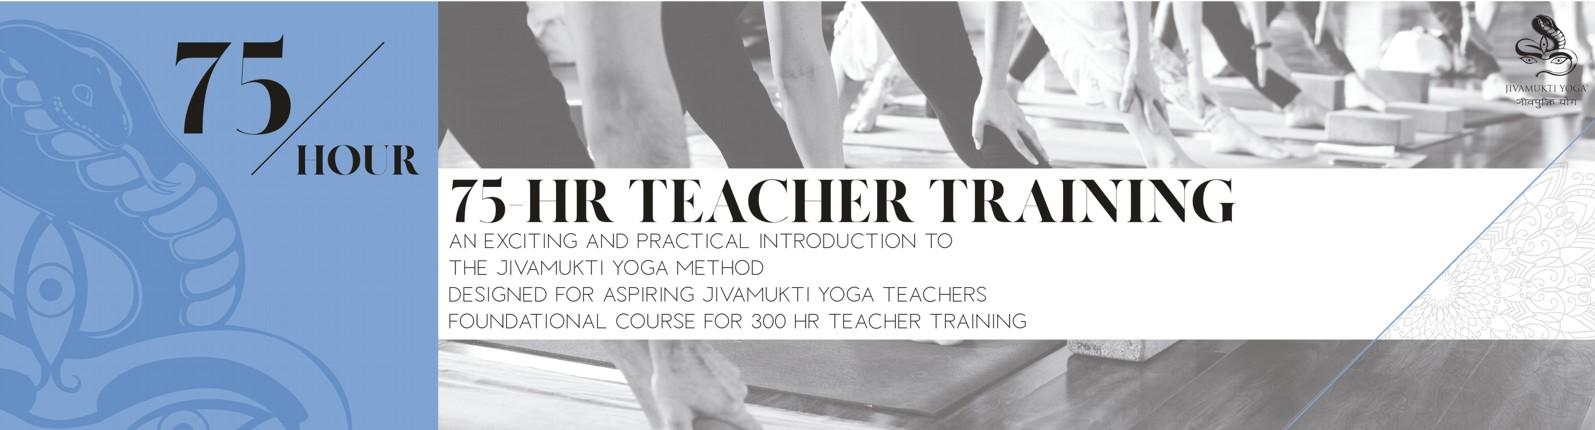 75 Hour Teacher Training